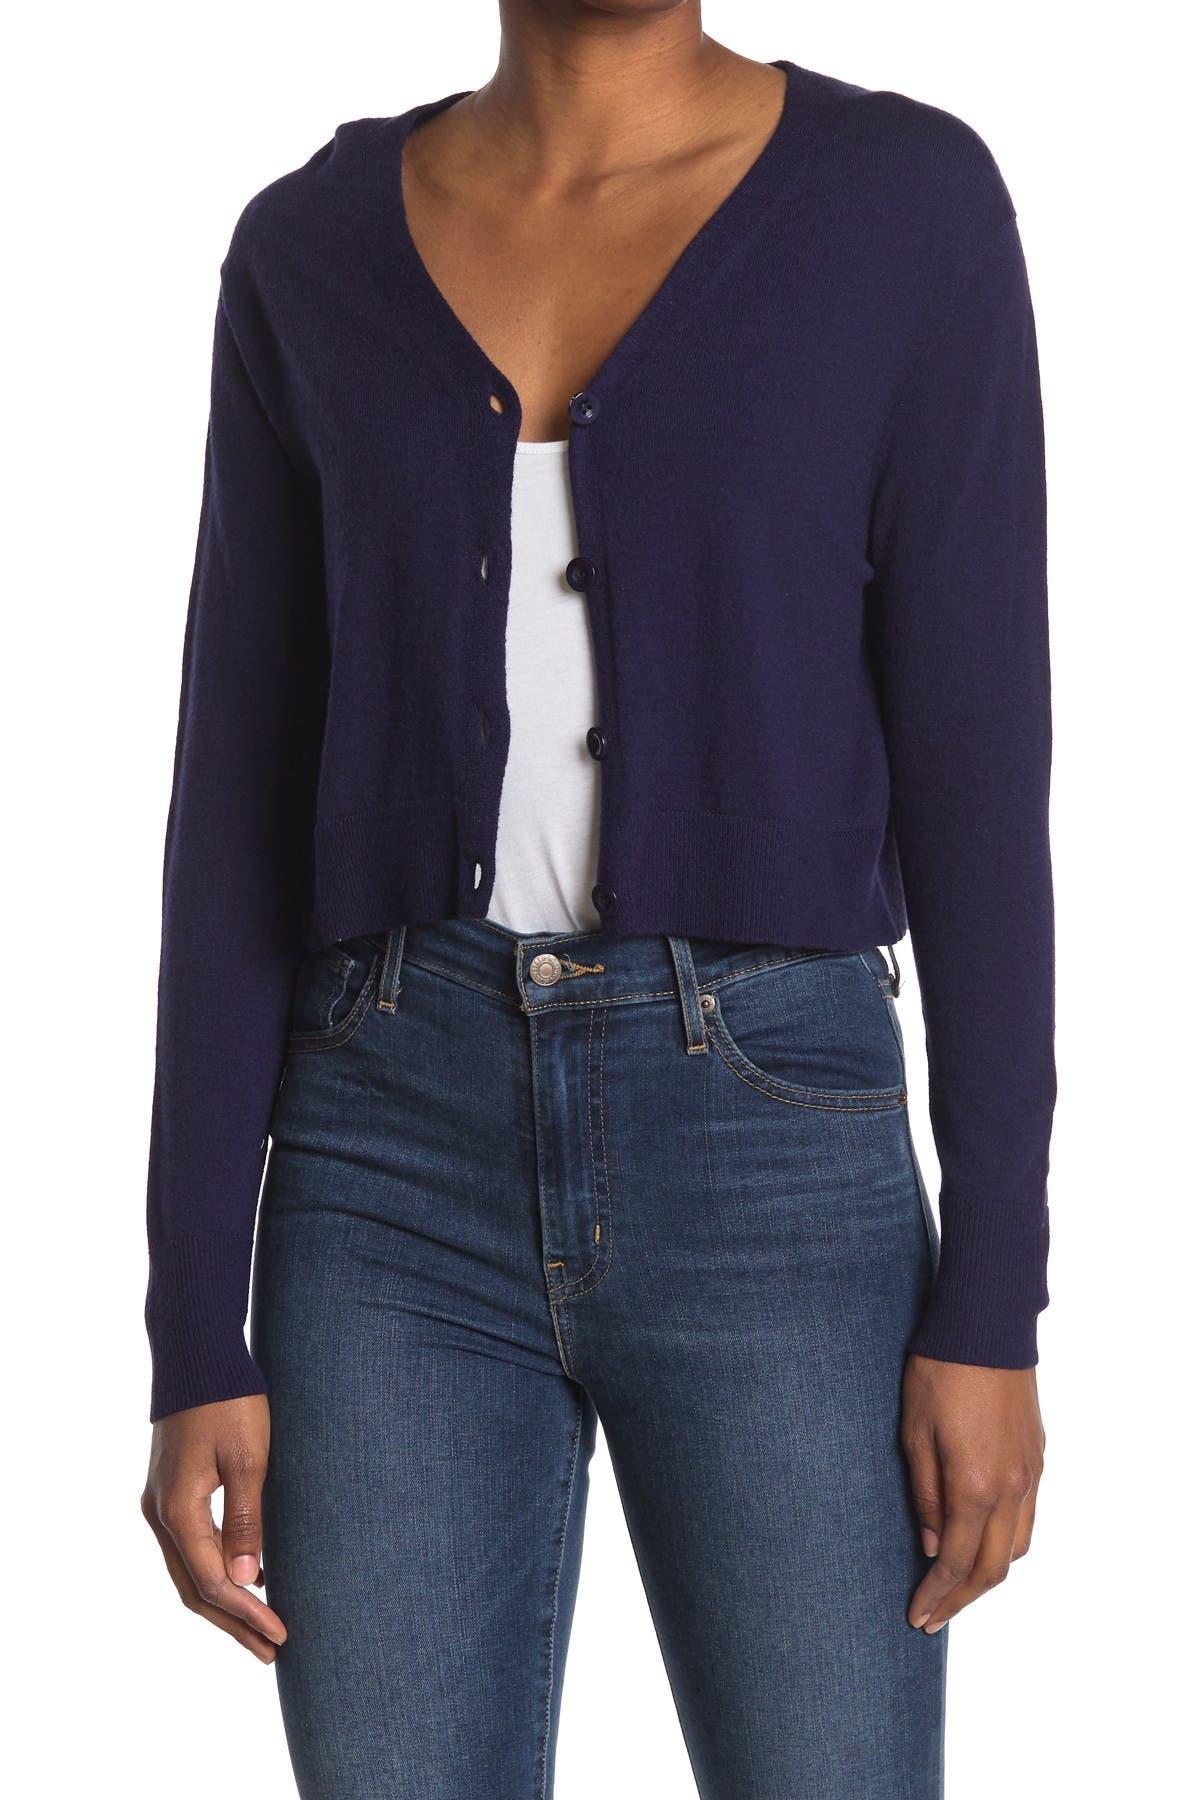 Image of Cotton Emporium 9652N Cardigan Sweater